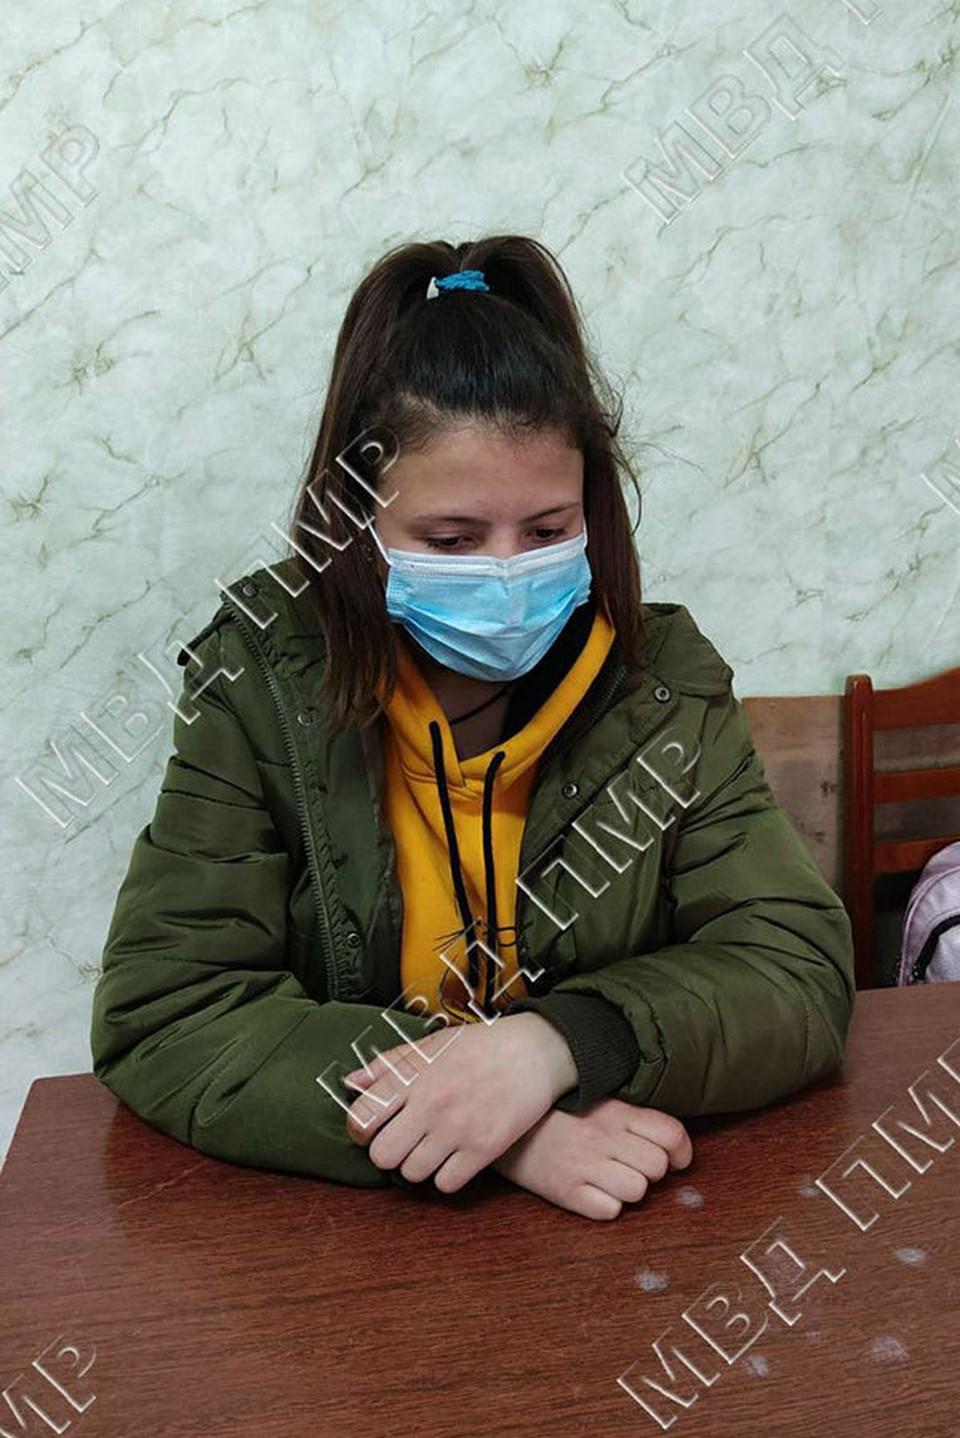 К счастью, Валерия нашлась живой и здоровой (Фото: МВД Приднестровья).